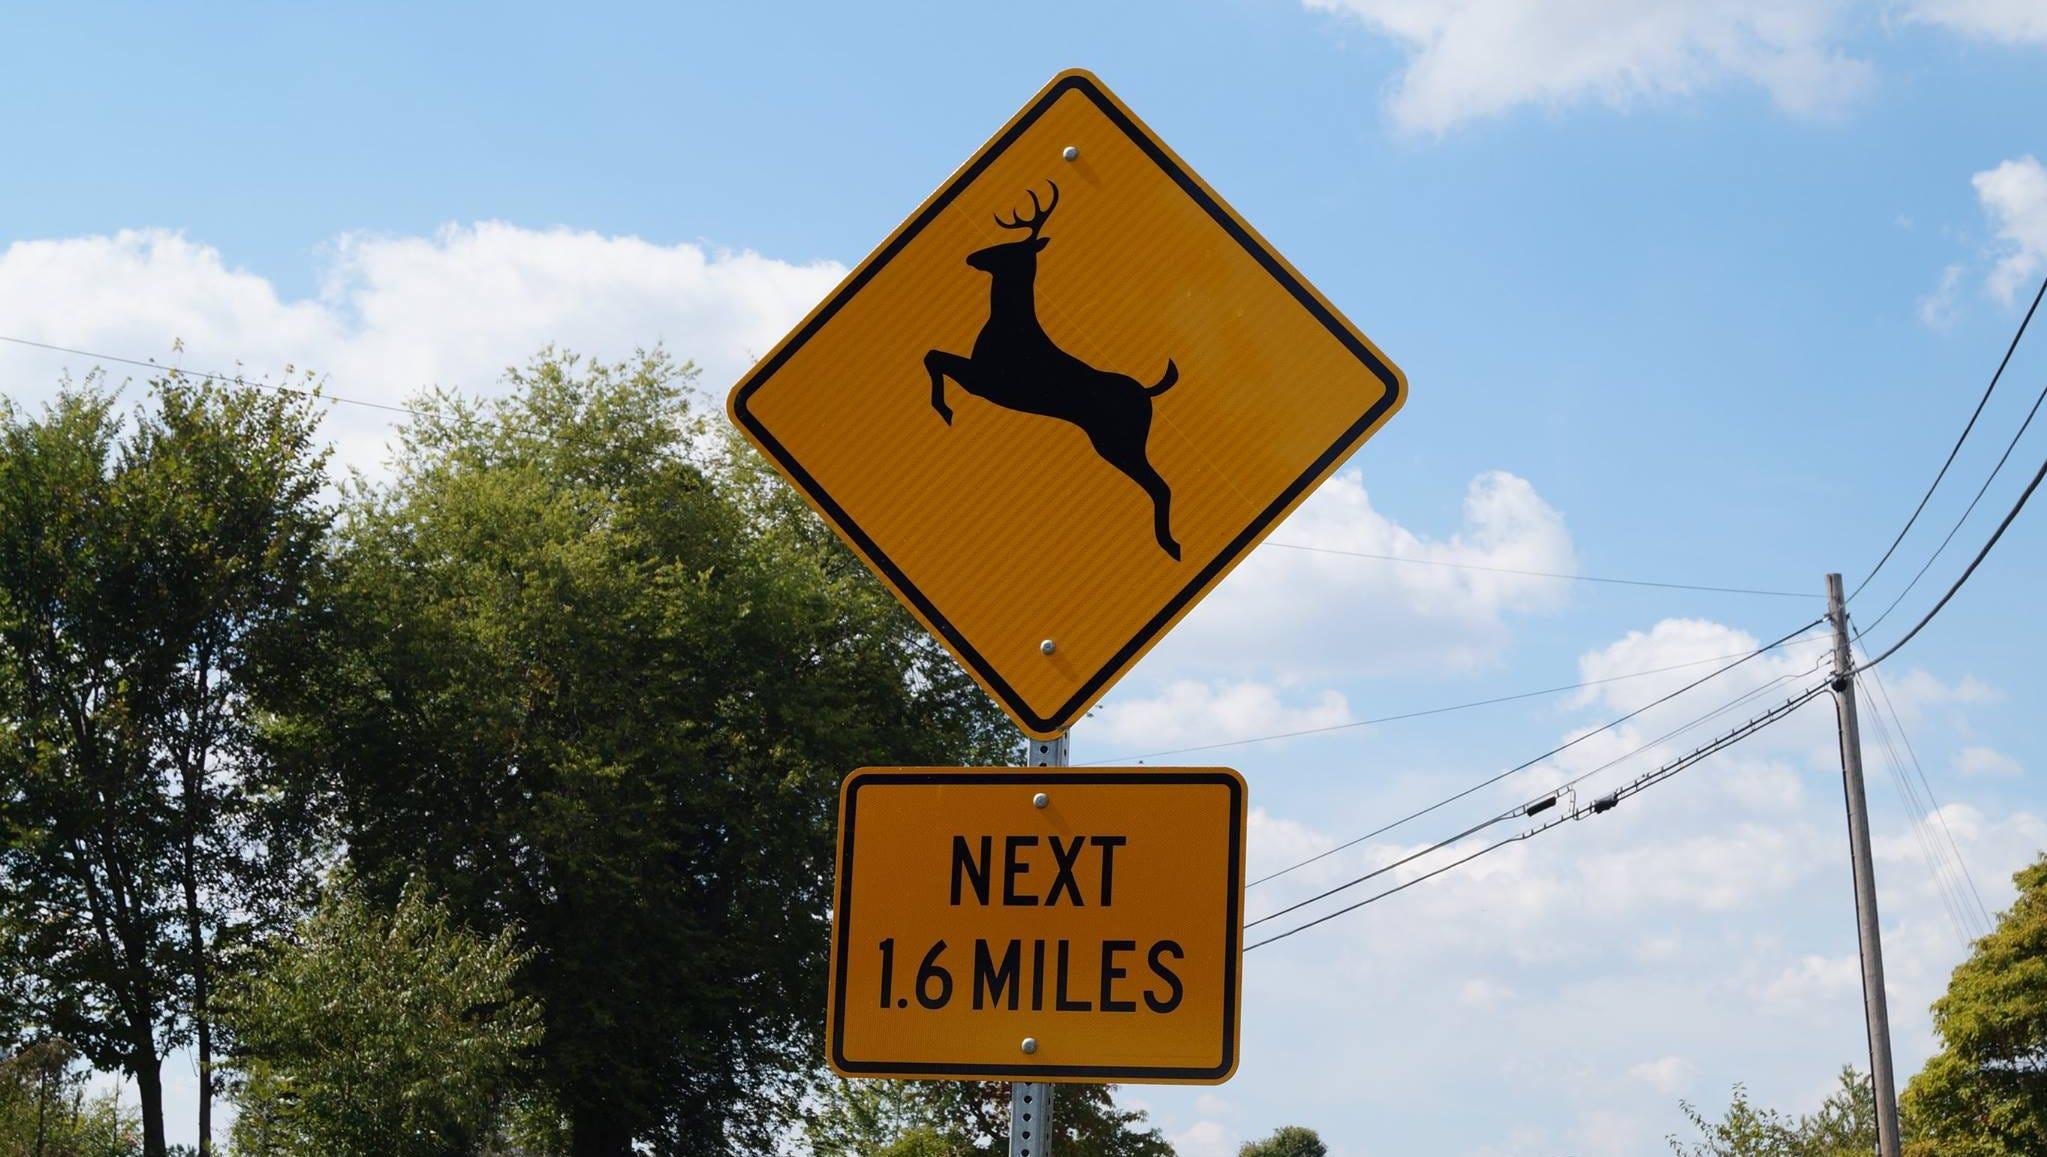 Peak time for deer collisions